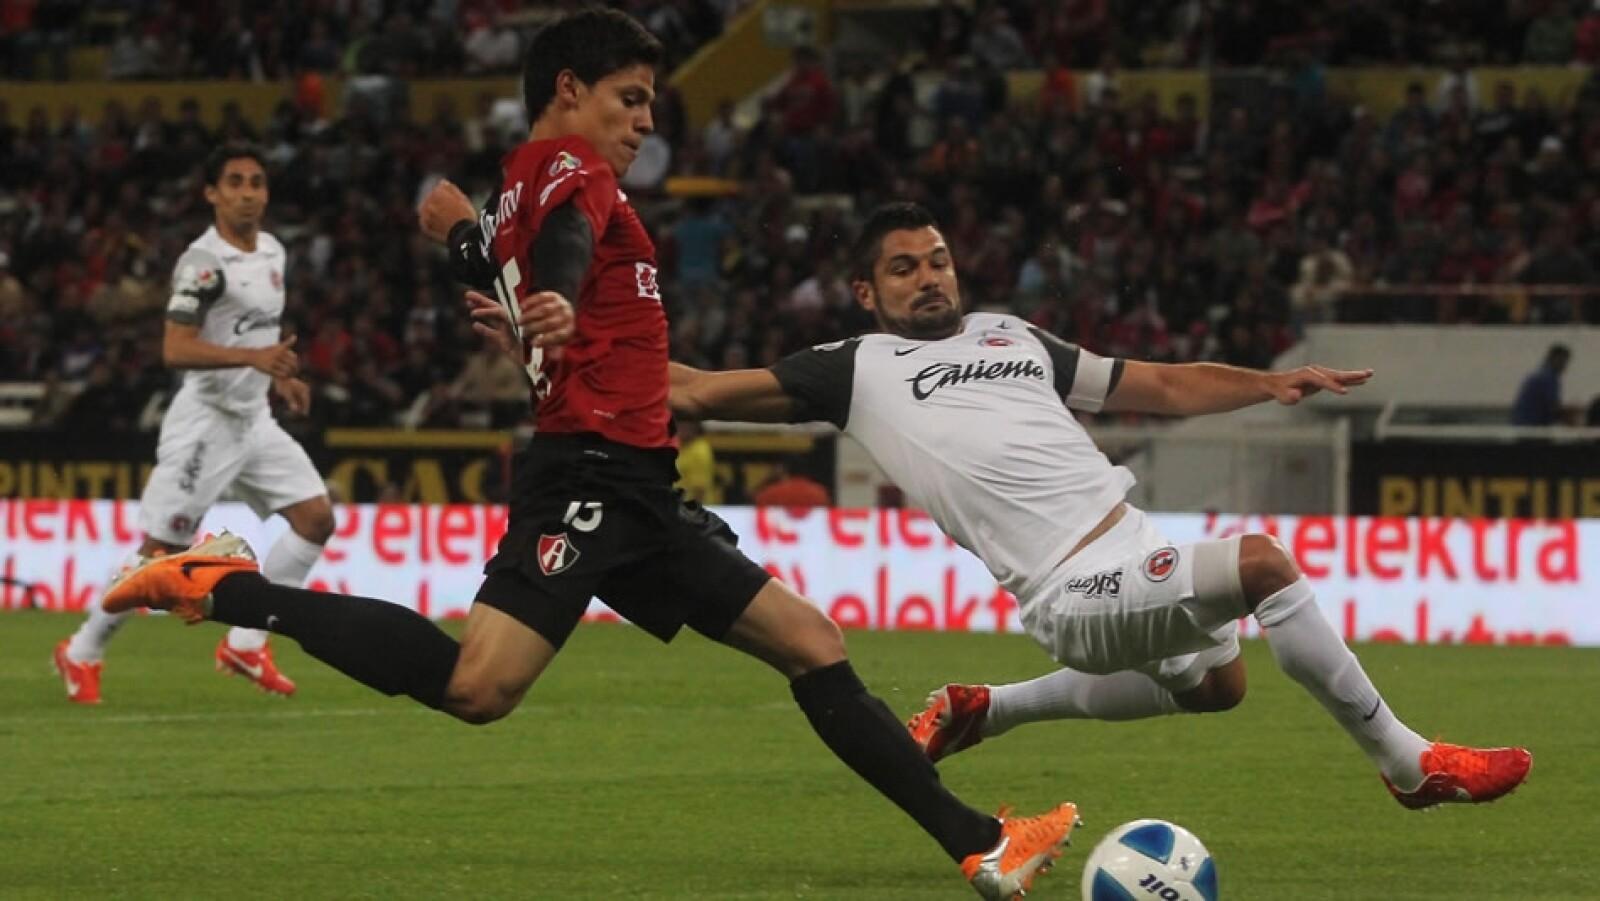 Atlas vs Tijuana los 'Rojinegros' desperdiciaron una oportunidad de gol